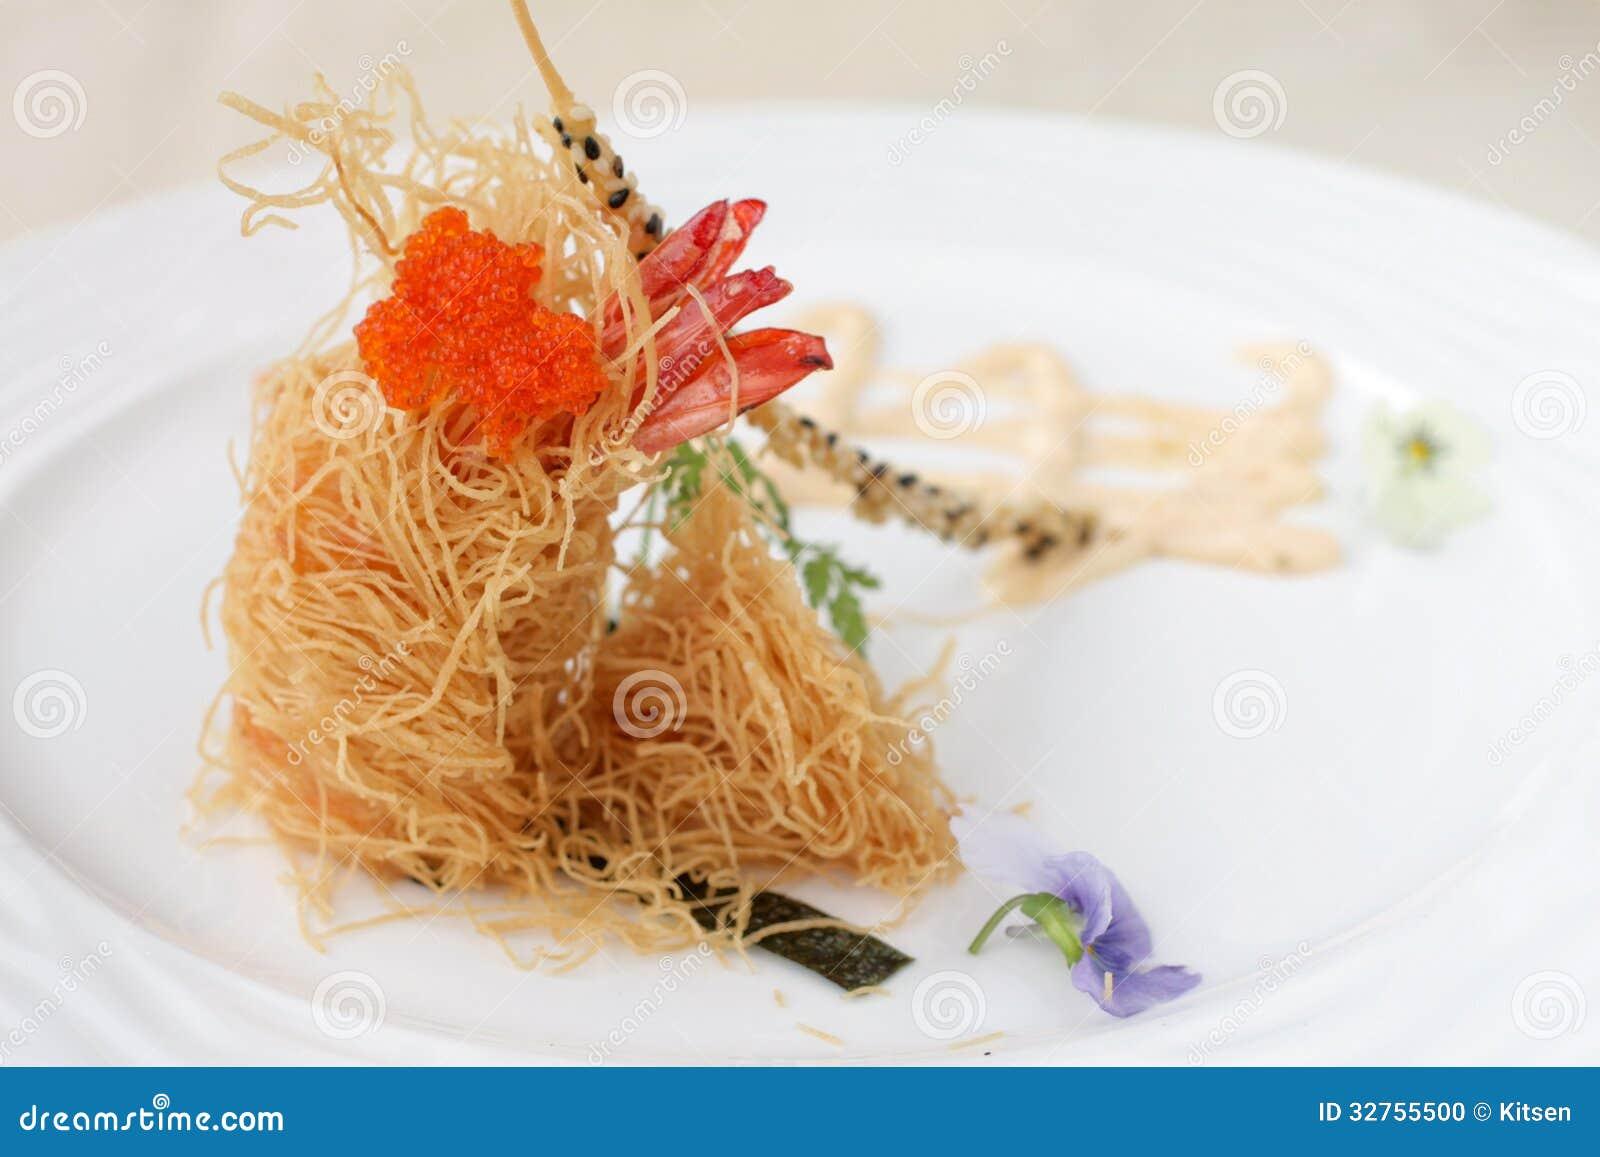 Avant garde fried prawn stock photo image 32755500 for Avant garde cuisine